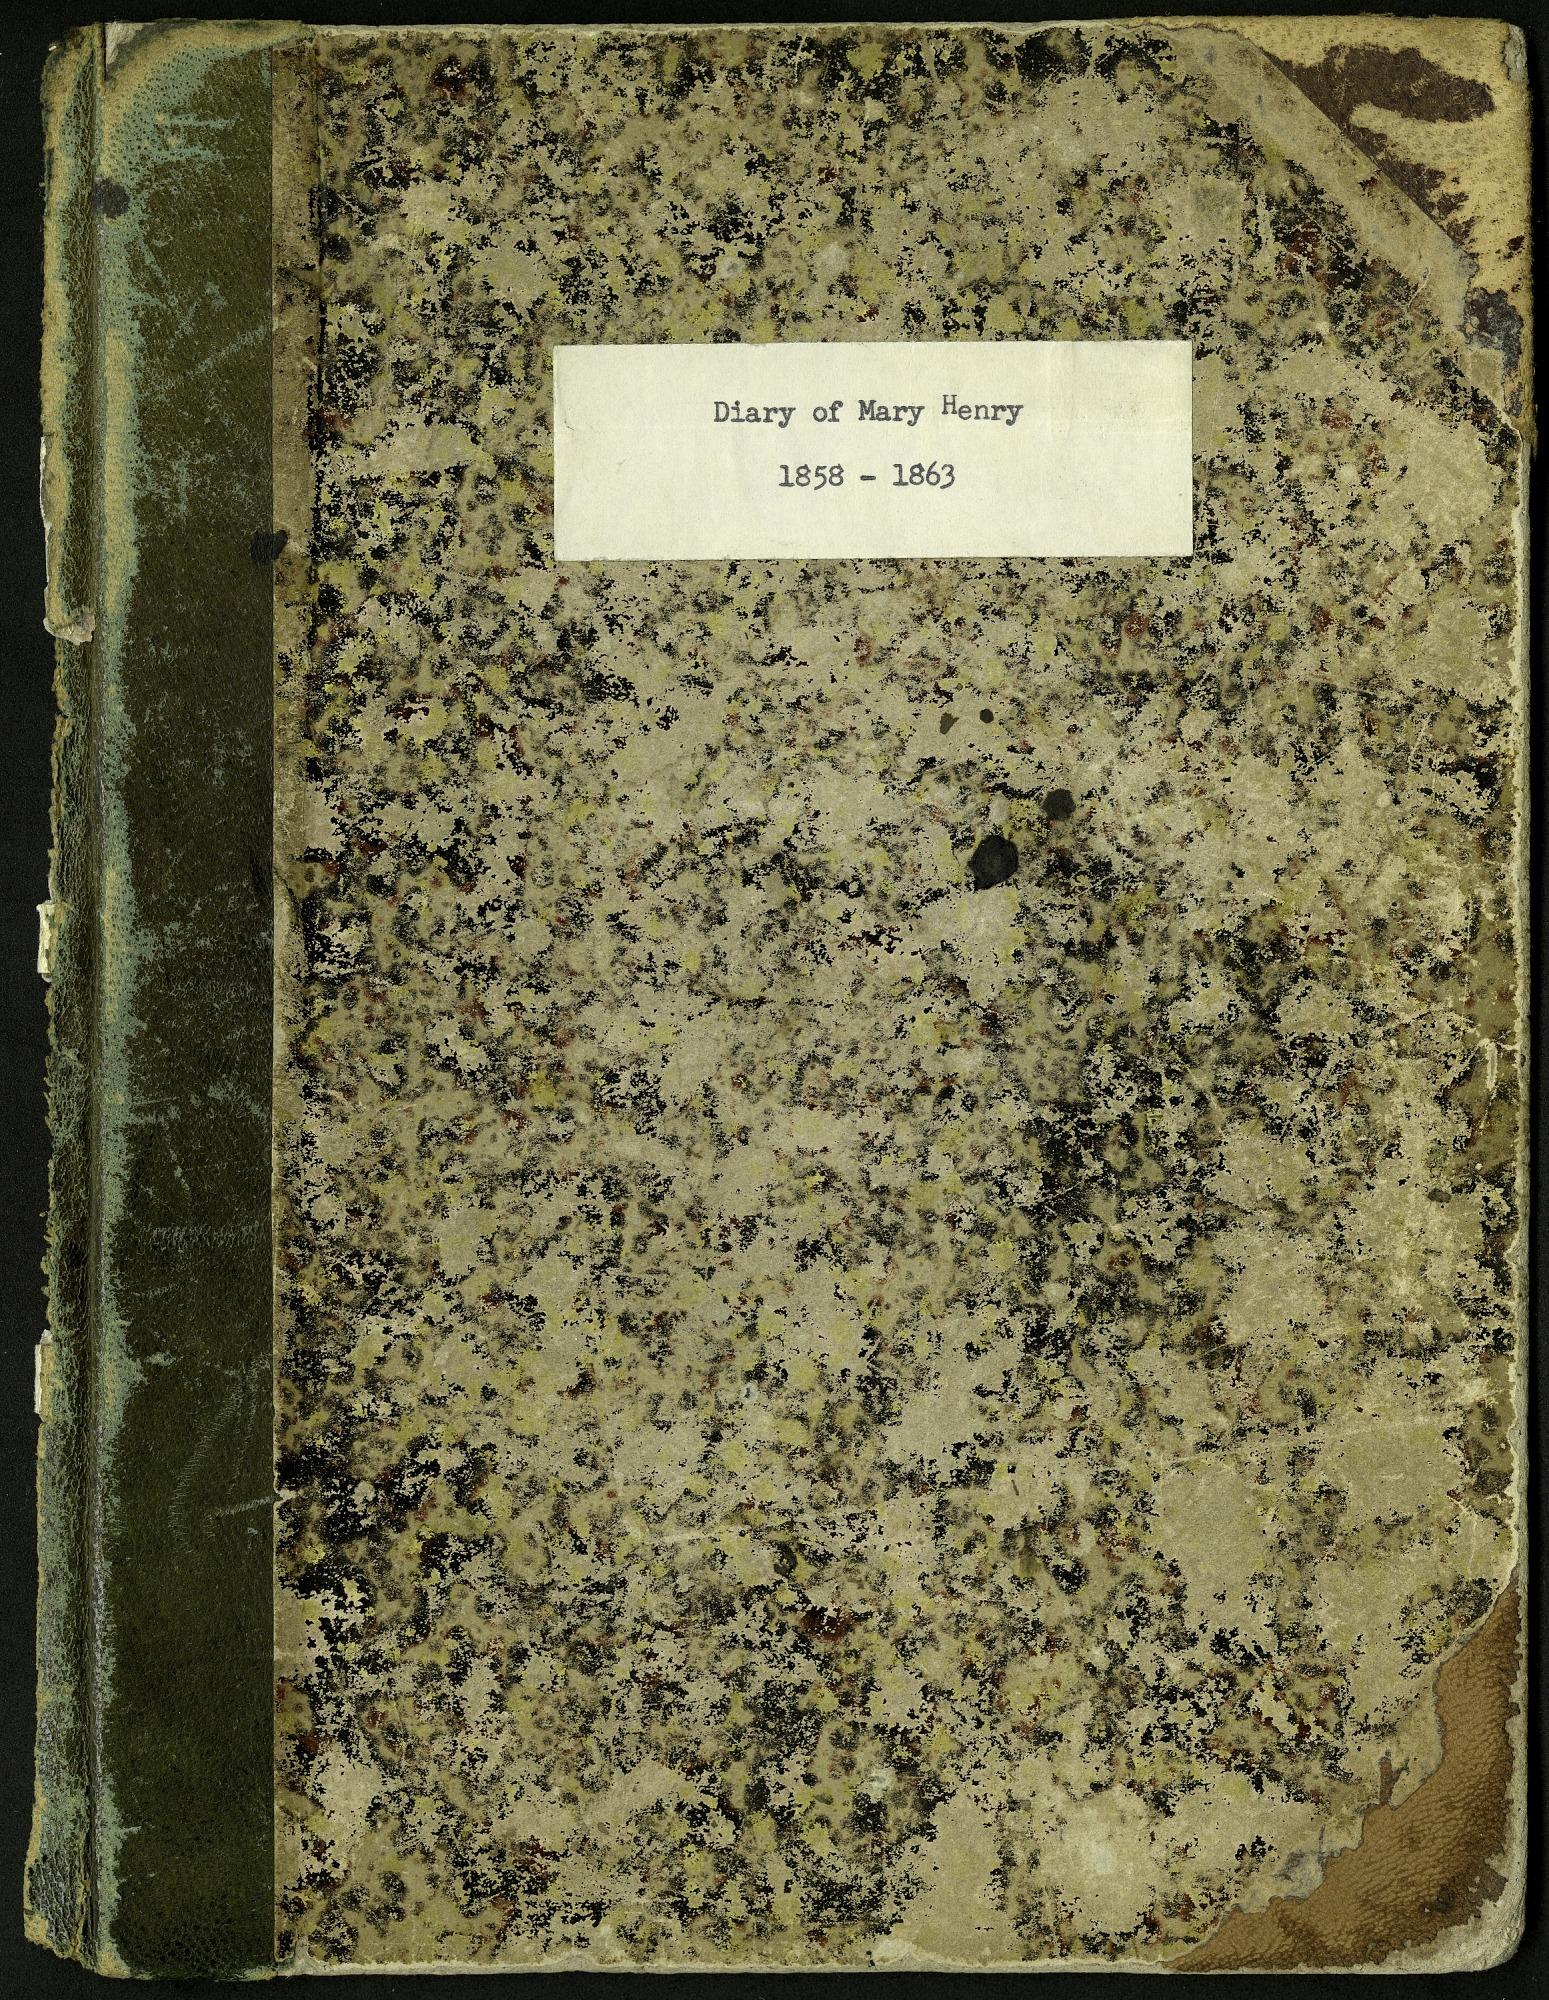 Mary Henry Diary, 1858-1863